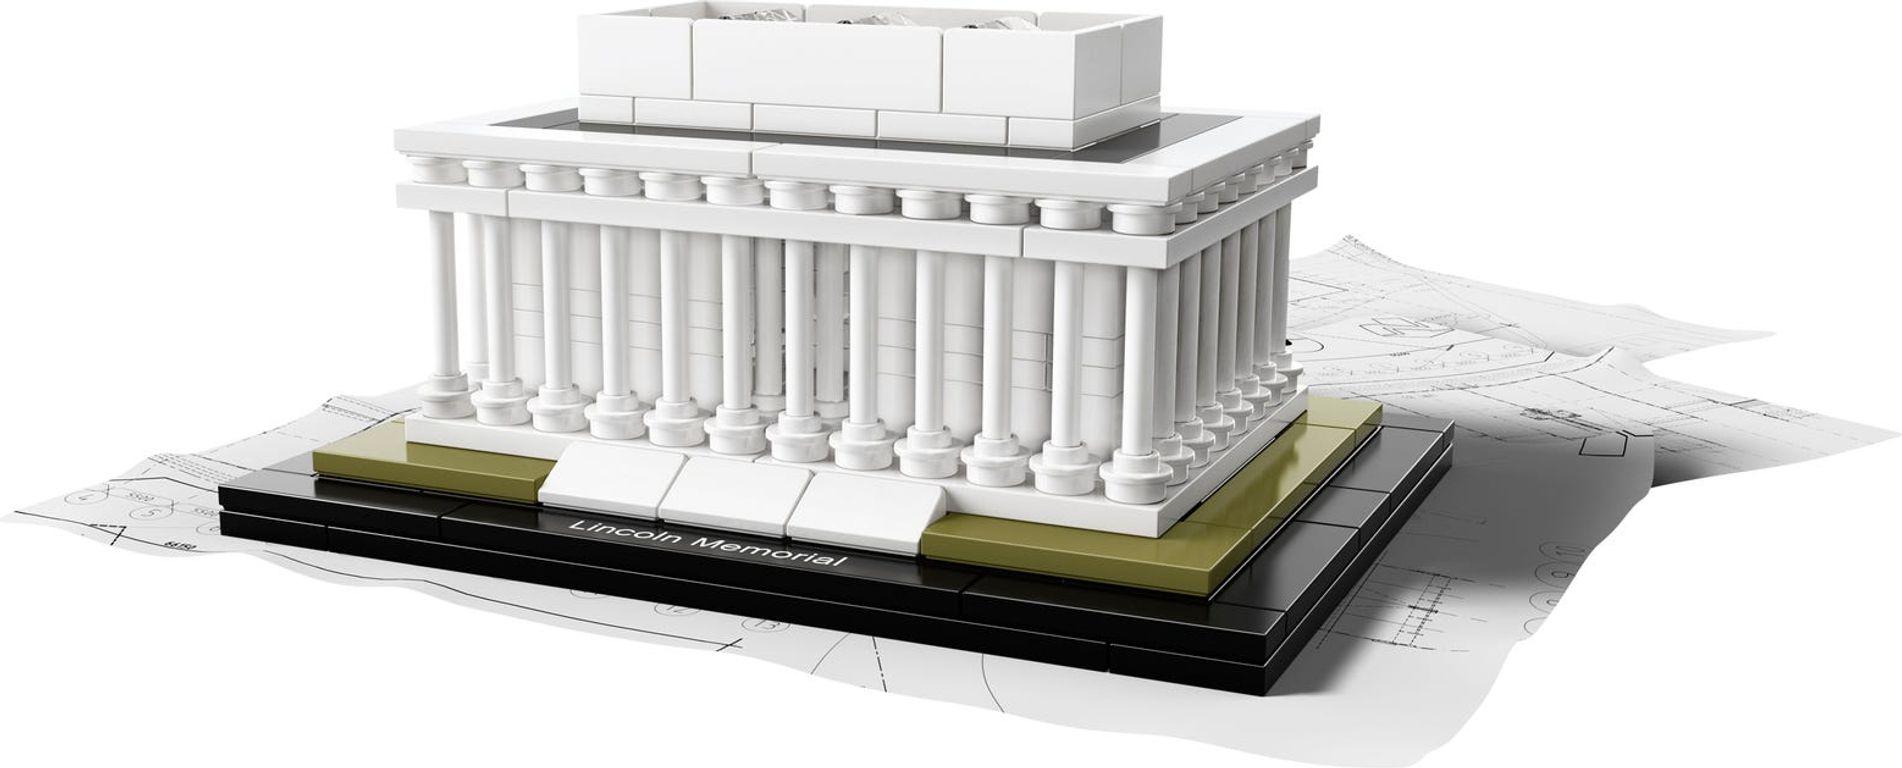 LEGO® Architecture Lincoln Memorial components